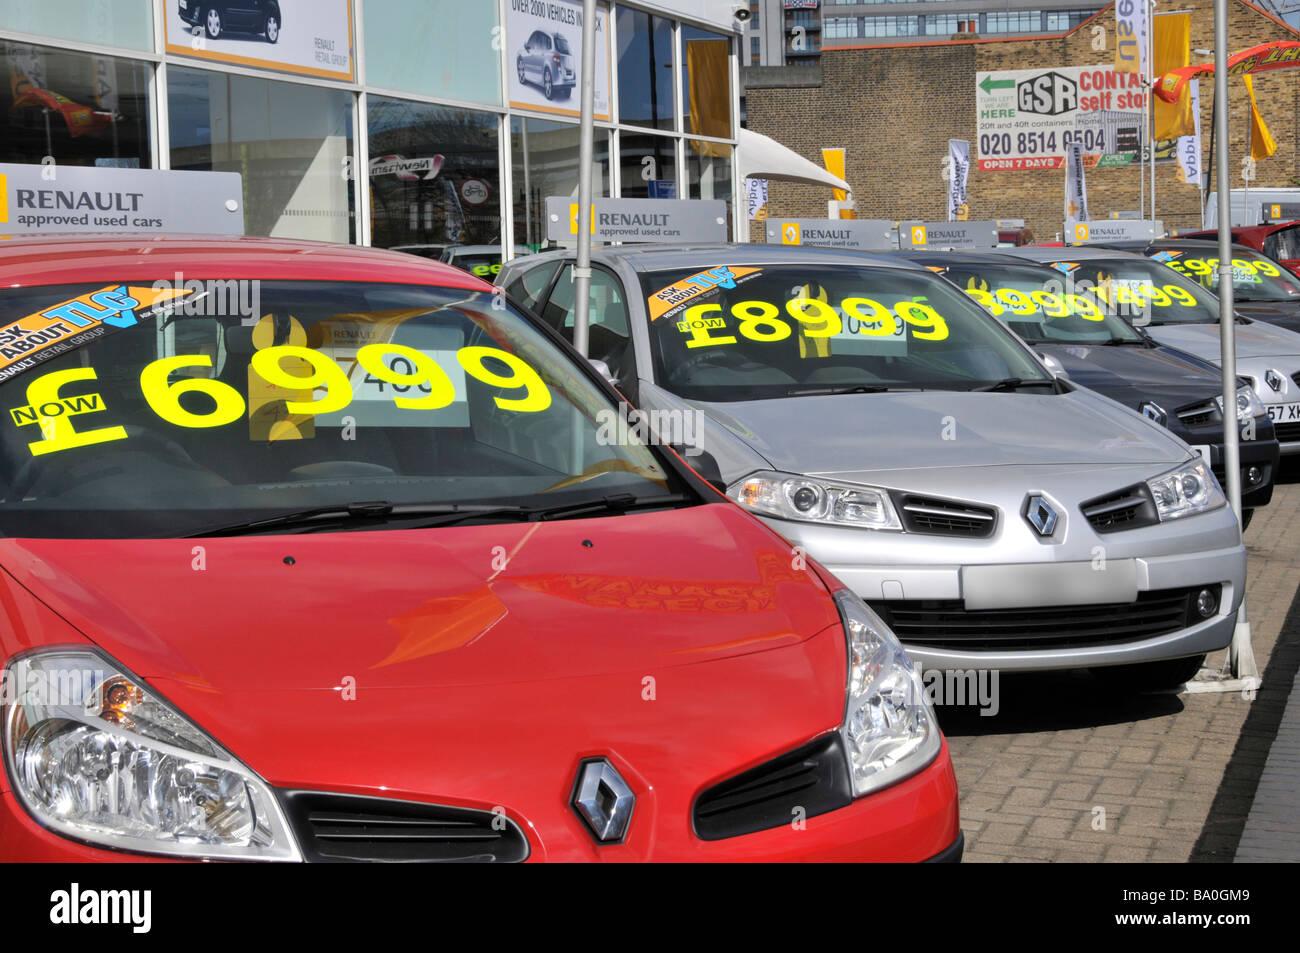 Used car dealer price